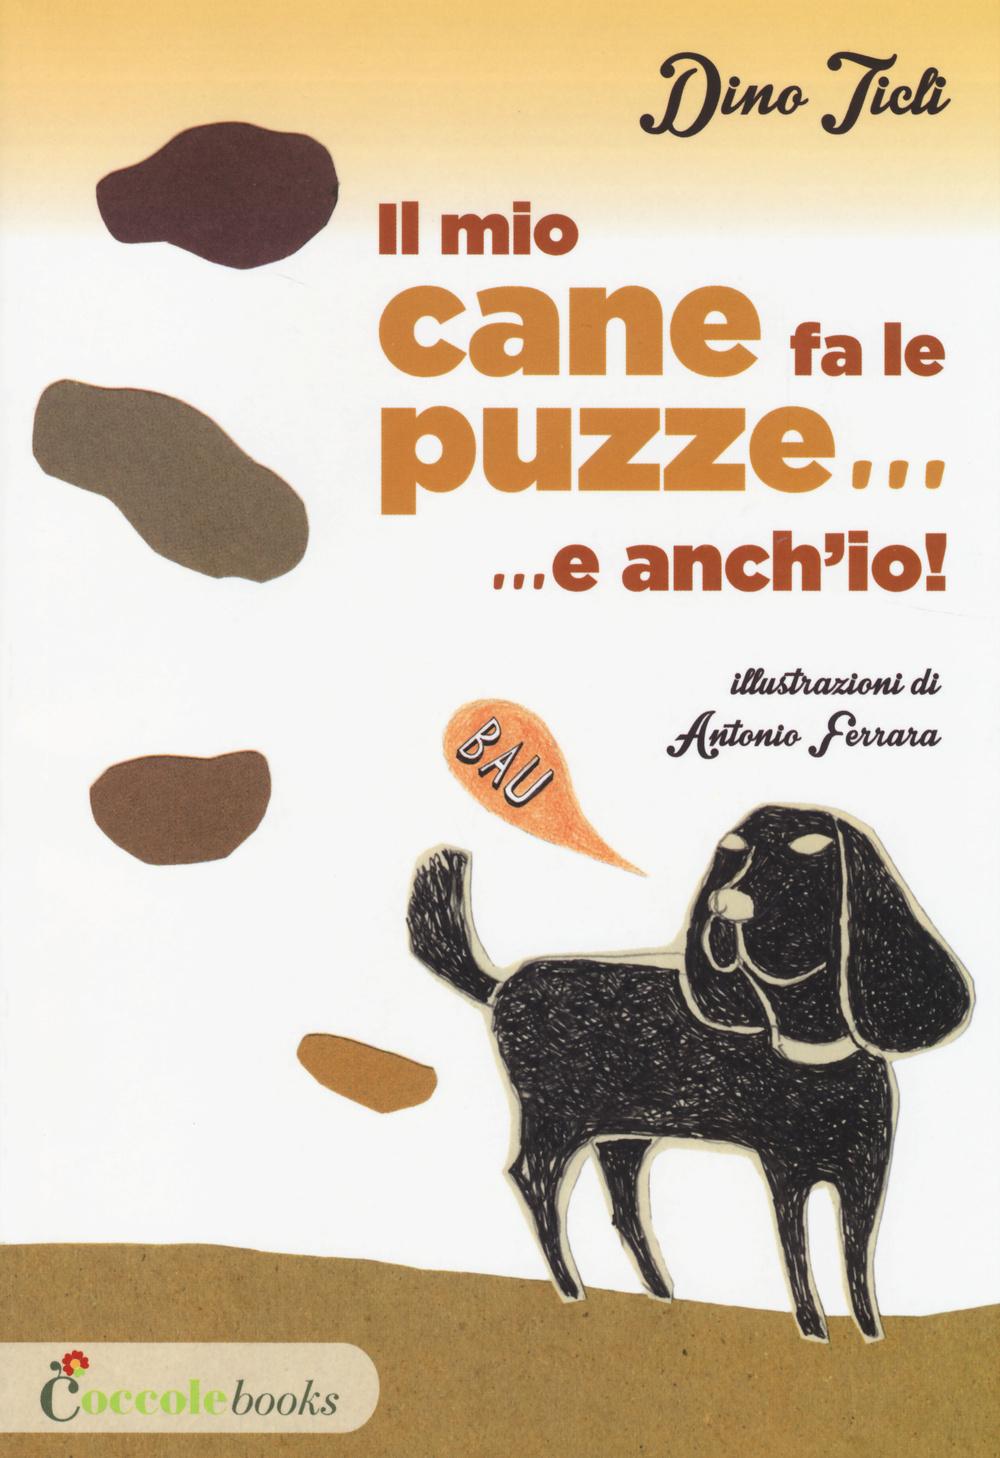 IL MIO CANE FA LE PUZZE ... E ANCH'IO! - 9788898346349